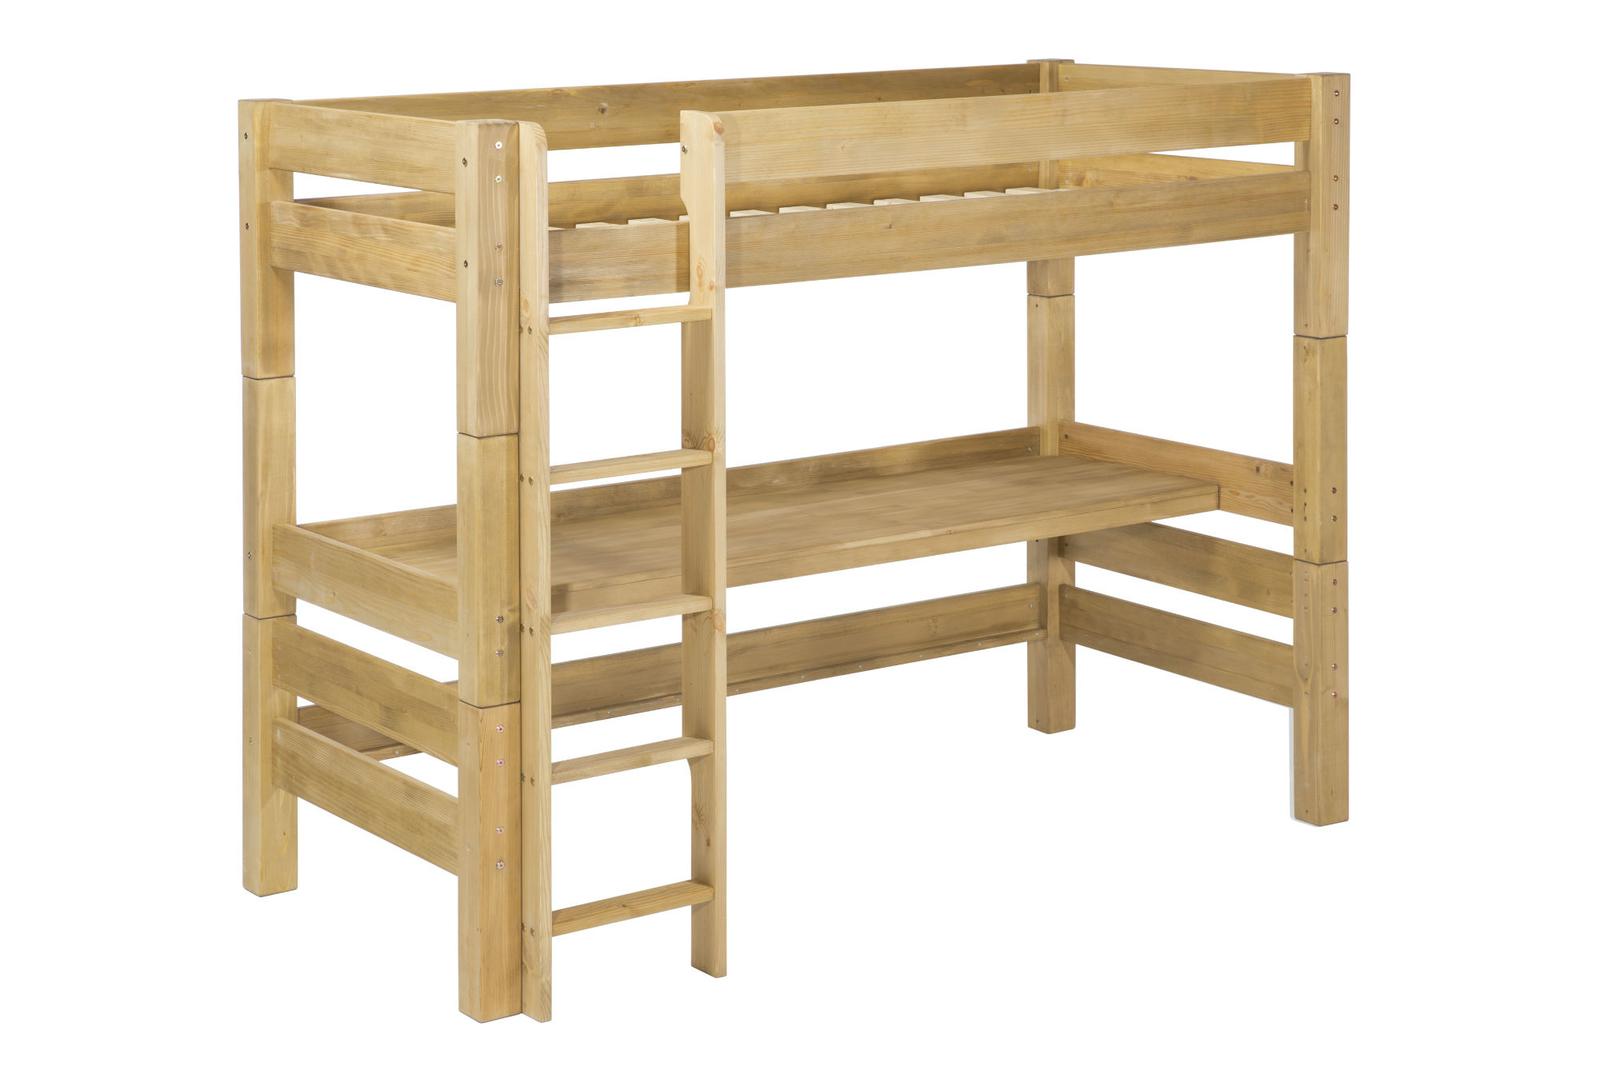 Full Size of Hochbett Kinderzimmer Mit Schreibtisch Von Moby Gnstig Bestellen Regal Sofa Regale Weiß Kinderzimmer Hochbett Kinderzimmer